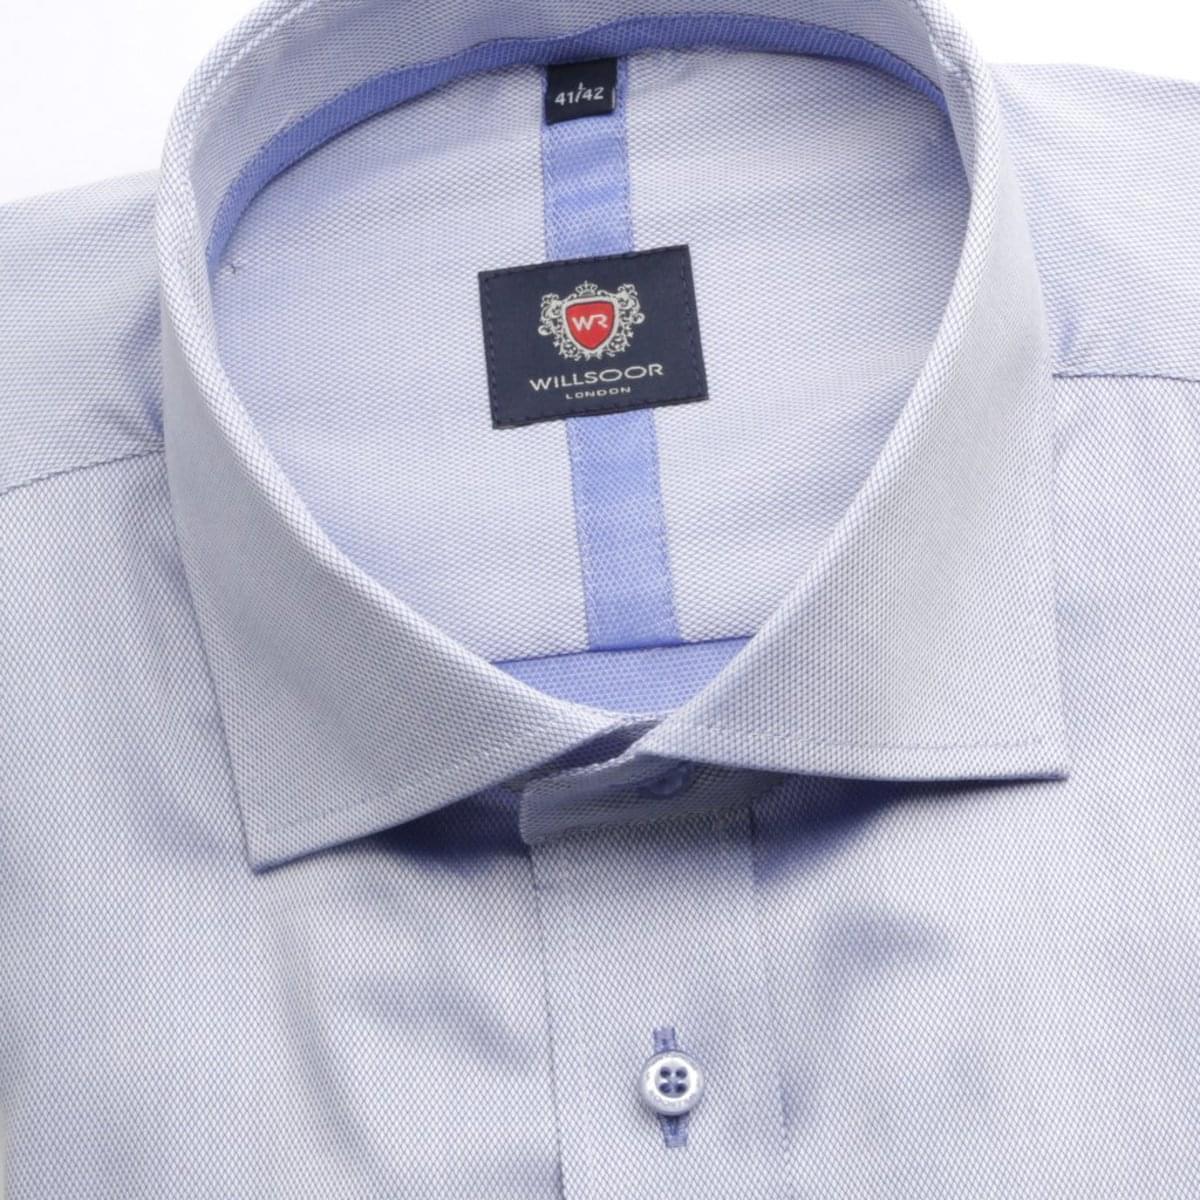 Pánská košile WR London v modré barvě (výška 176-182) 5284 176-182 / XL (43/44)